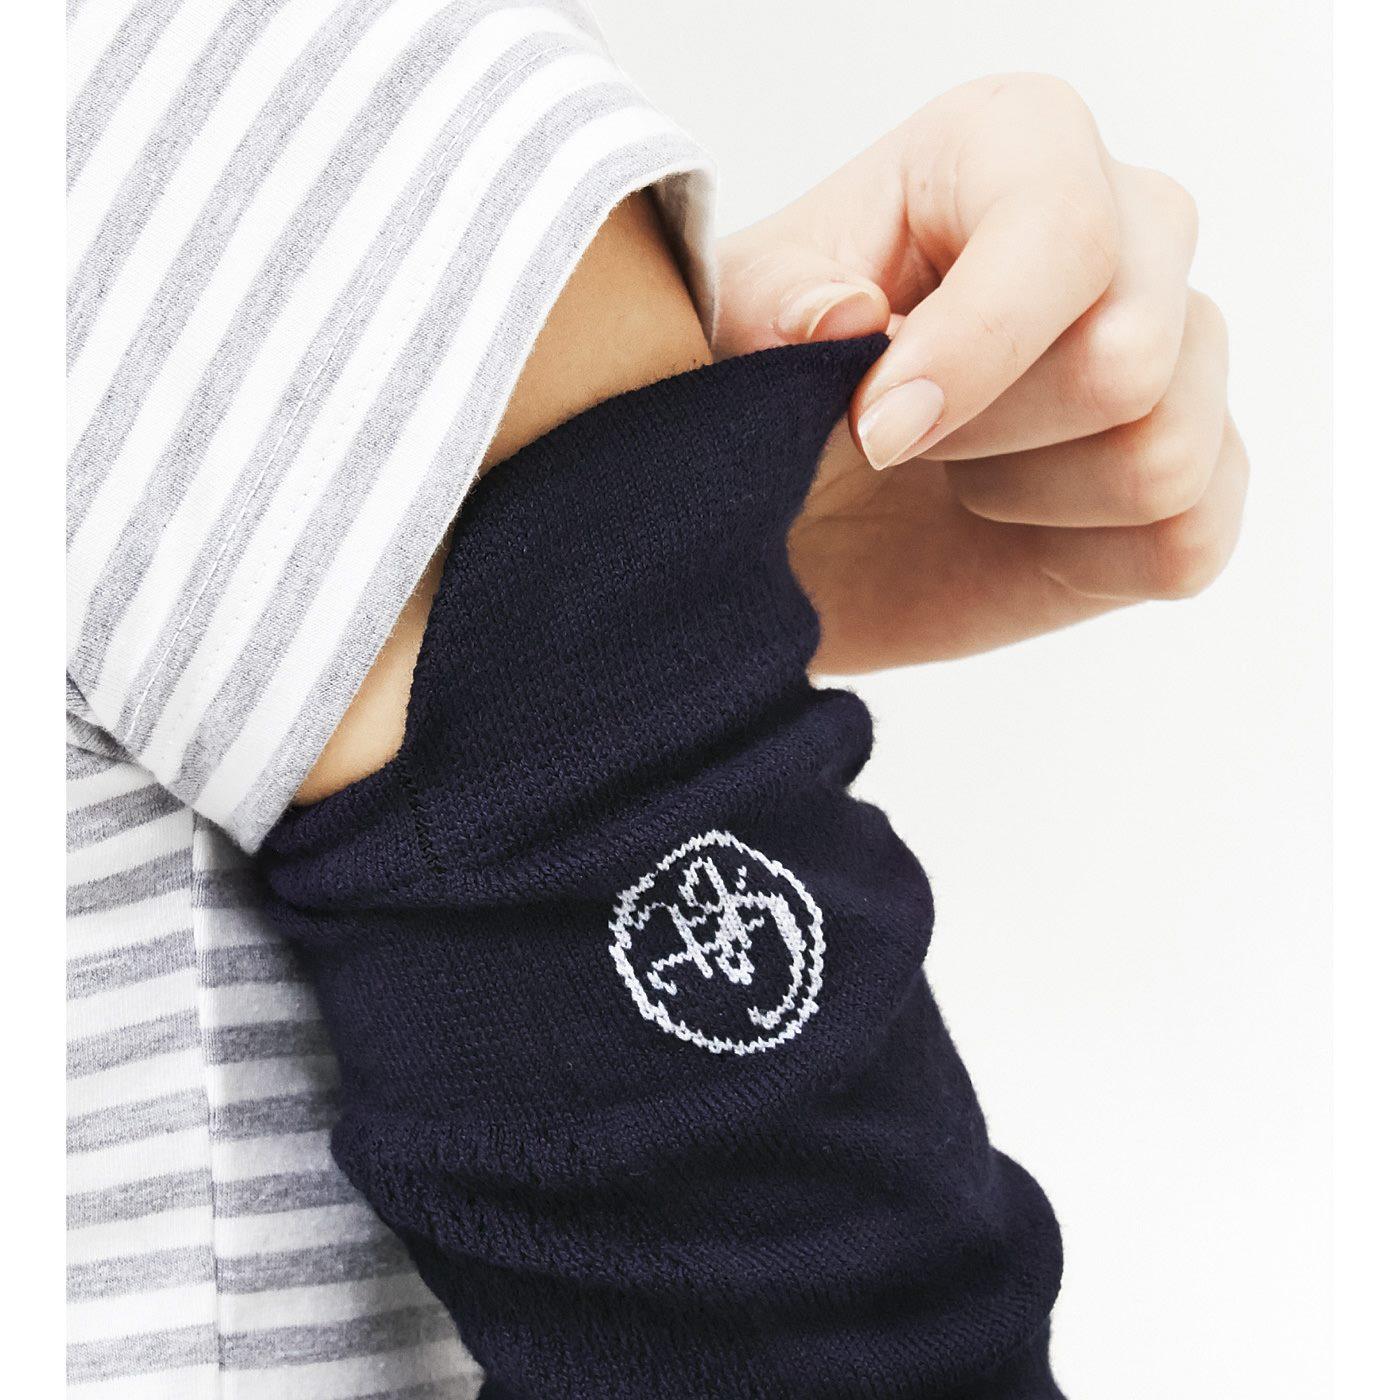 肩まわりをしっかり覆えるひさし付き。ノースリーブを着ていても安心。